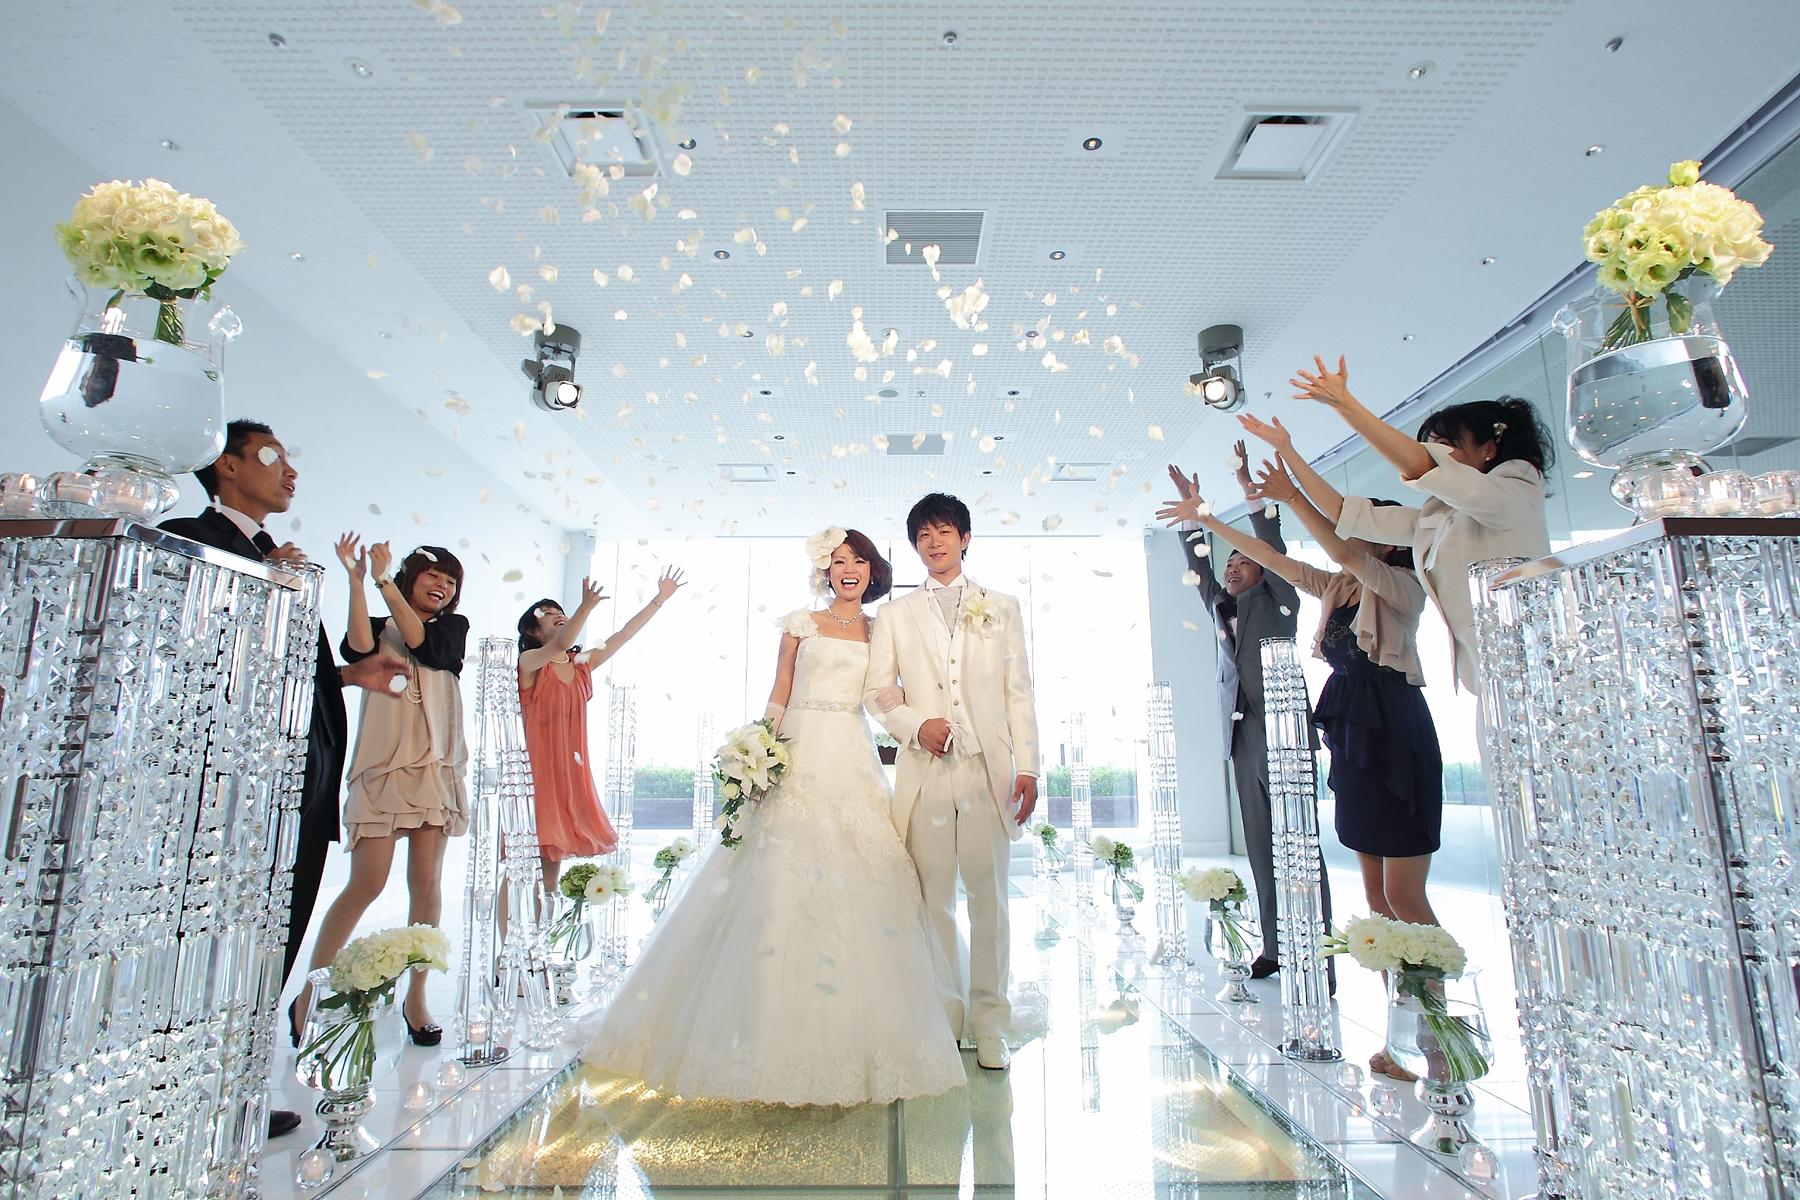 絶景!オーシャン&桜島ビューで叶う『美味しい結婚式』